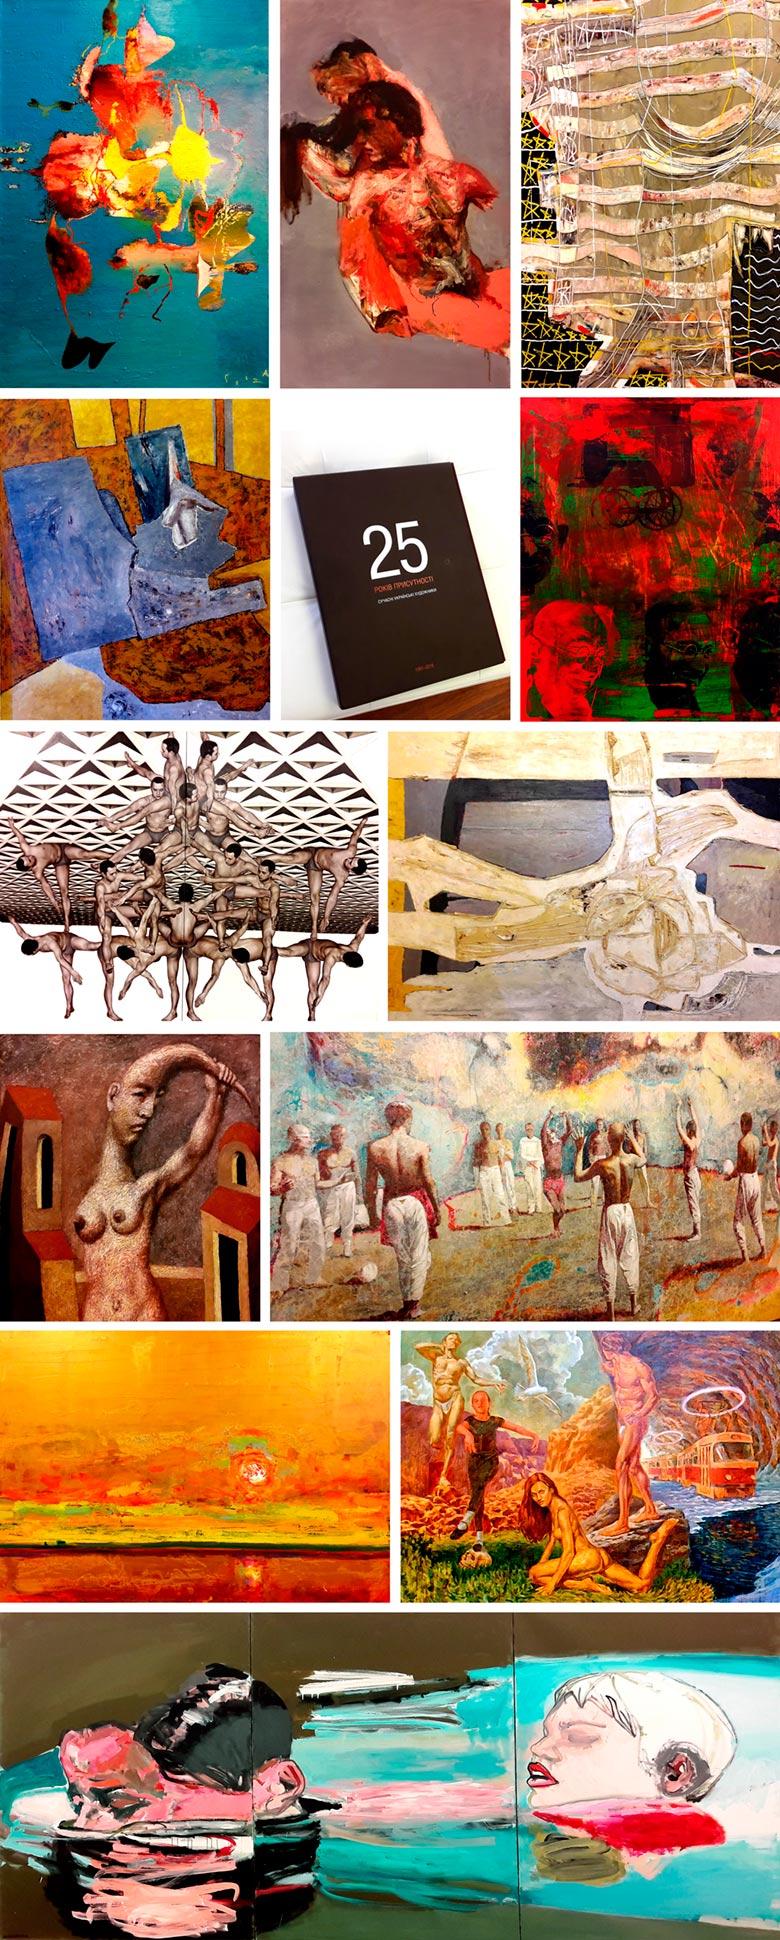 уникальный арт-проект для популяризации украинского современного искусства «АРТ-Арсенал»